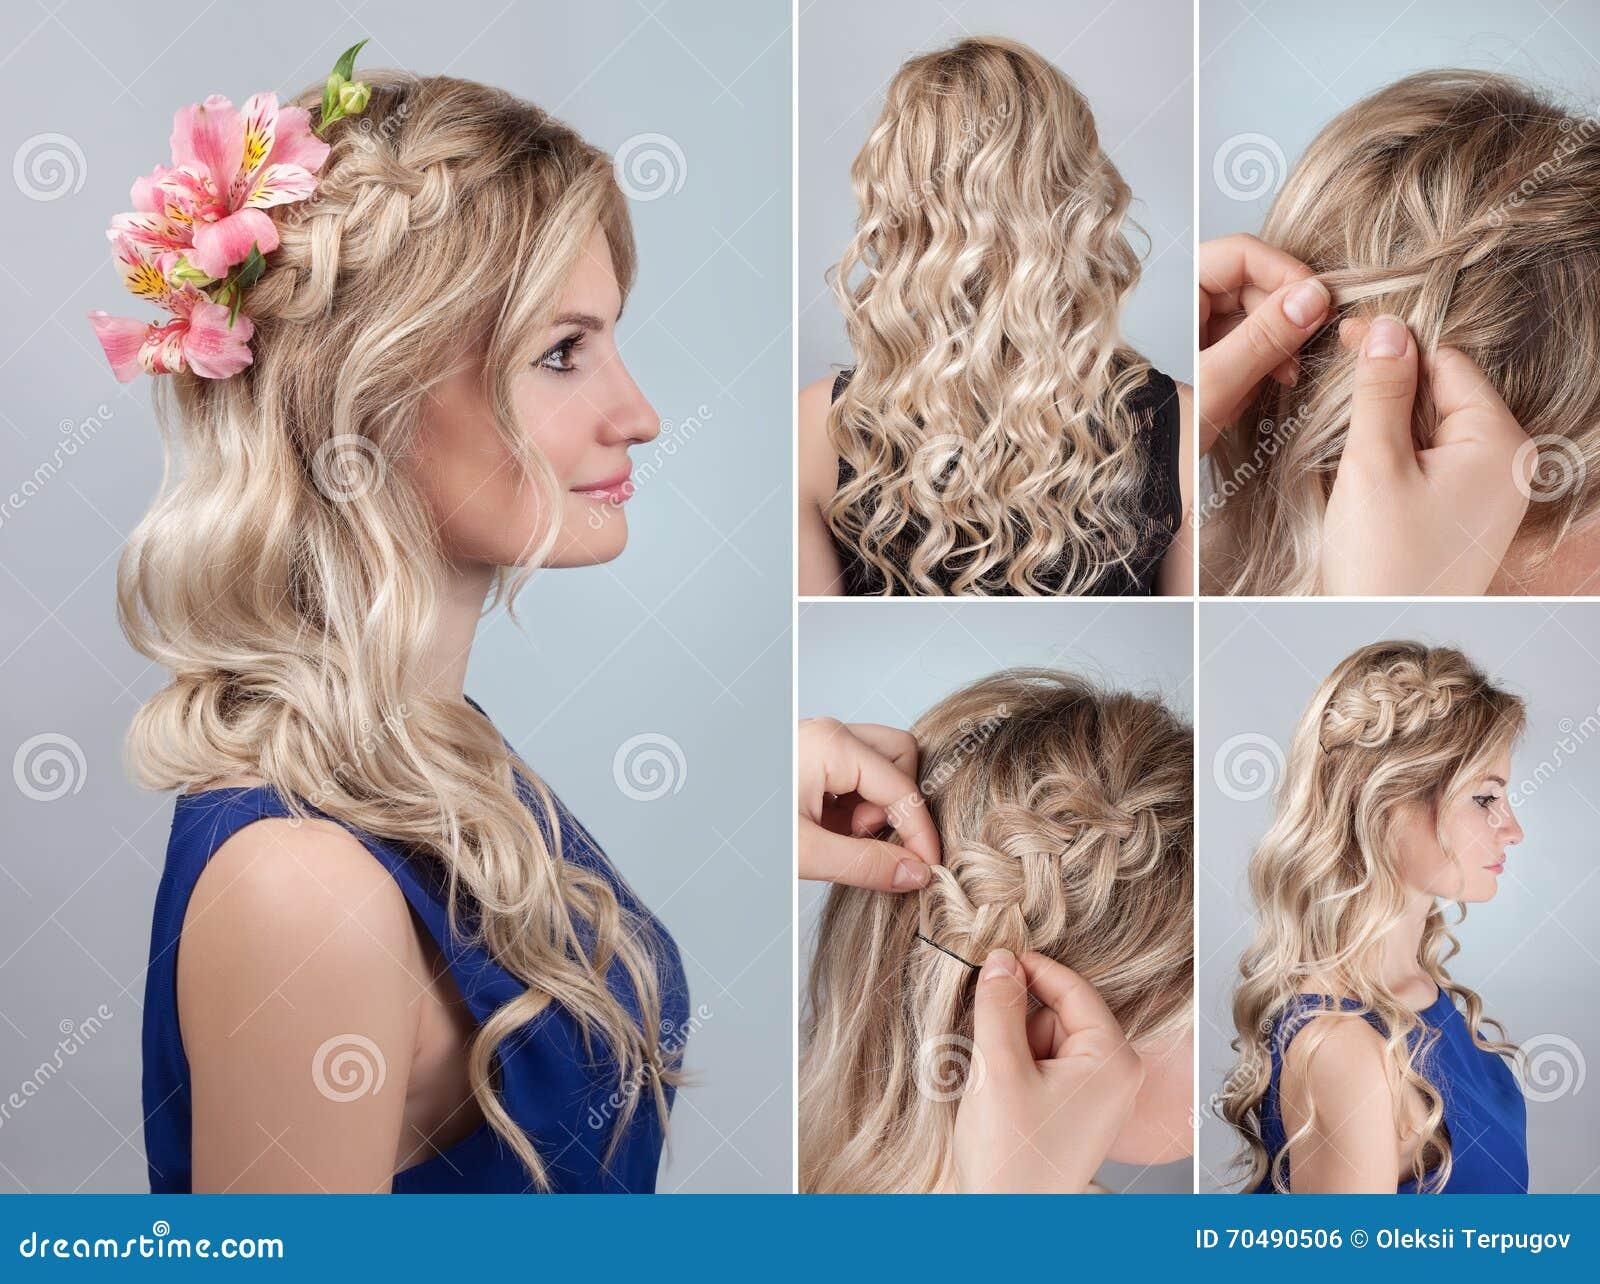 Fryzura Warkocz Z świeżymi Kwiatami Tutorial Zdjęcie Stock